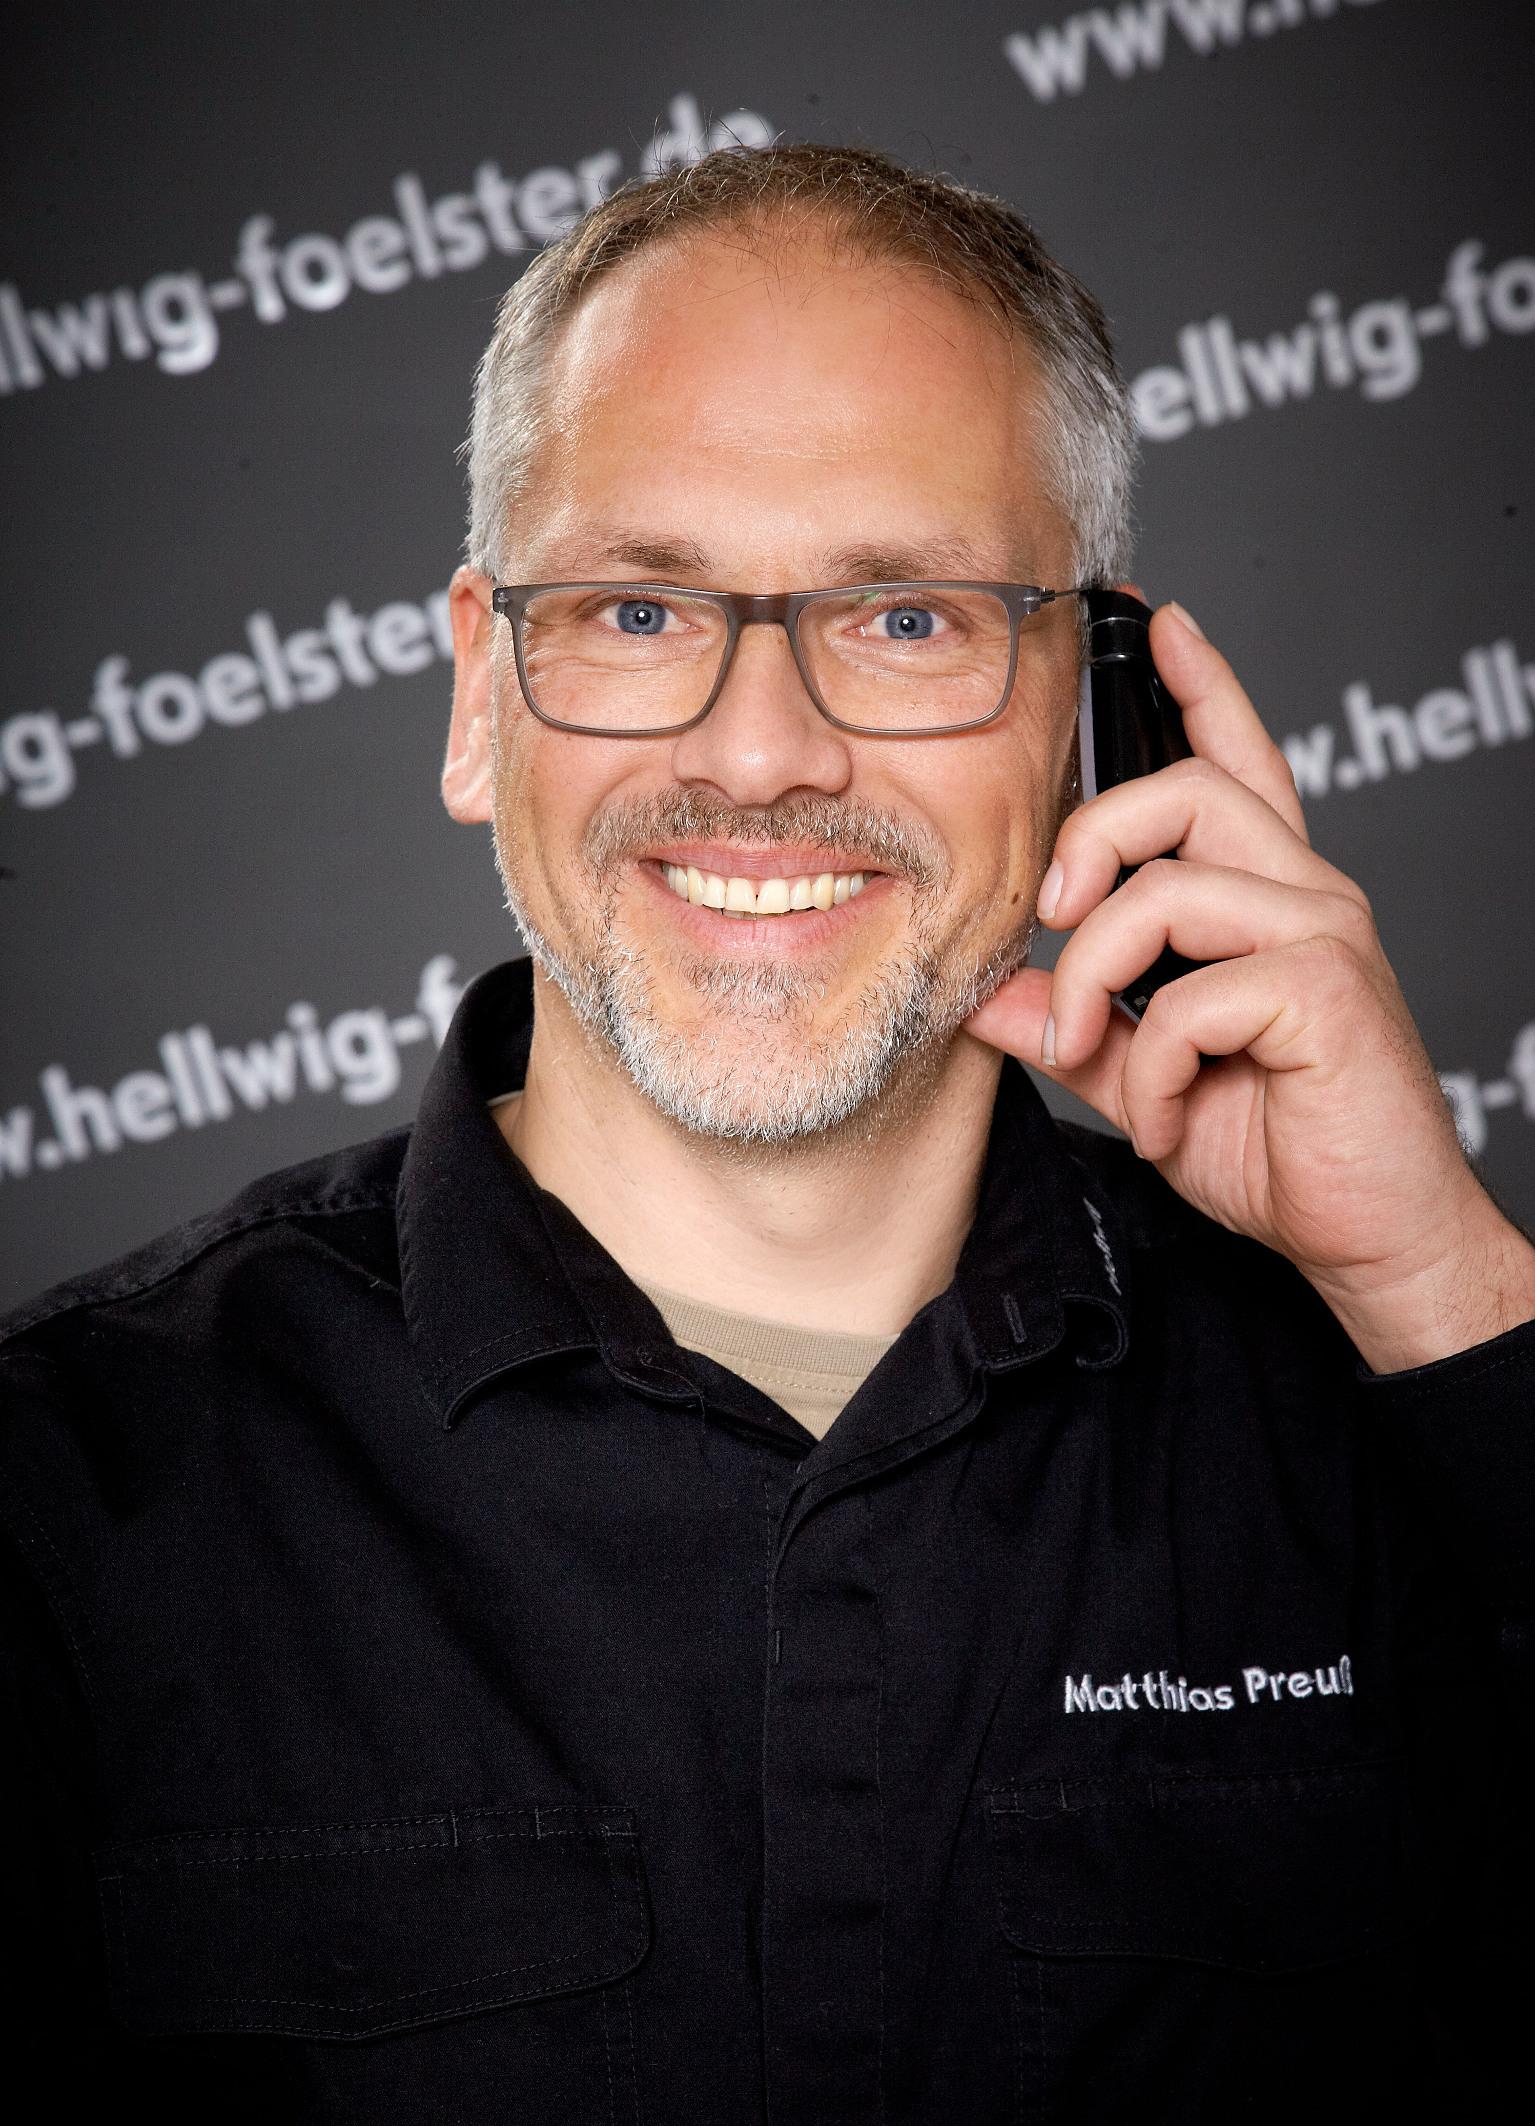 Matthias Preuß - Kfz. Meister